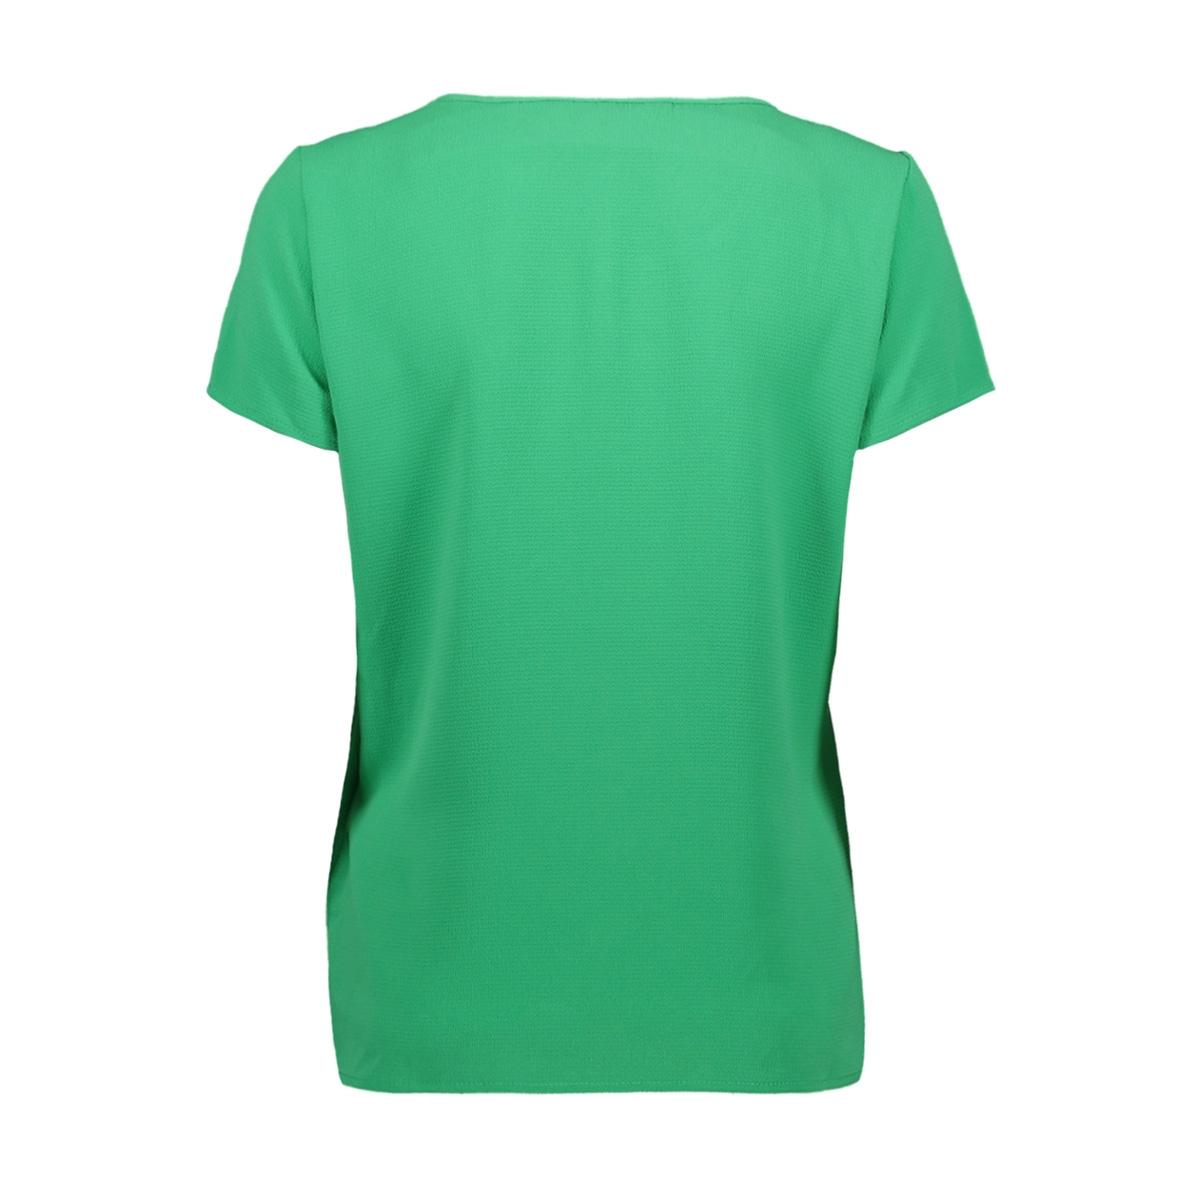 vmsasha ss top color 10215420 vero moda t-shirt holly green